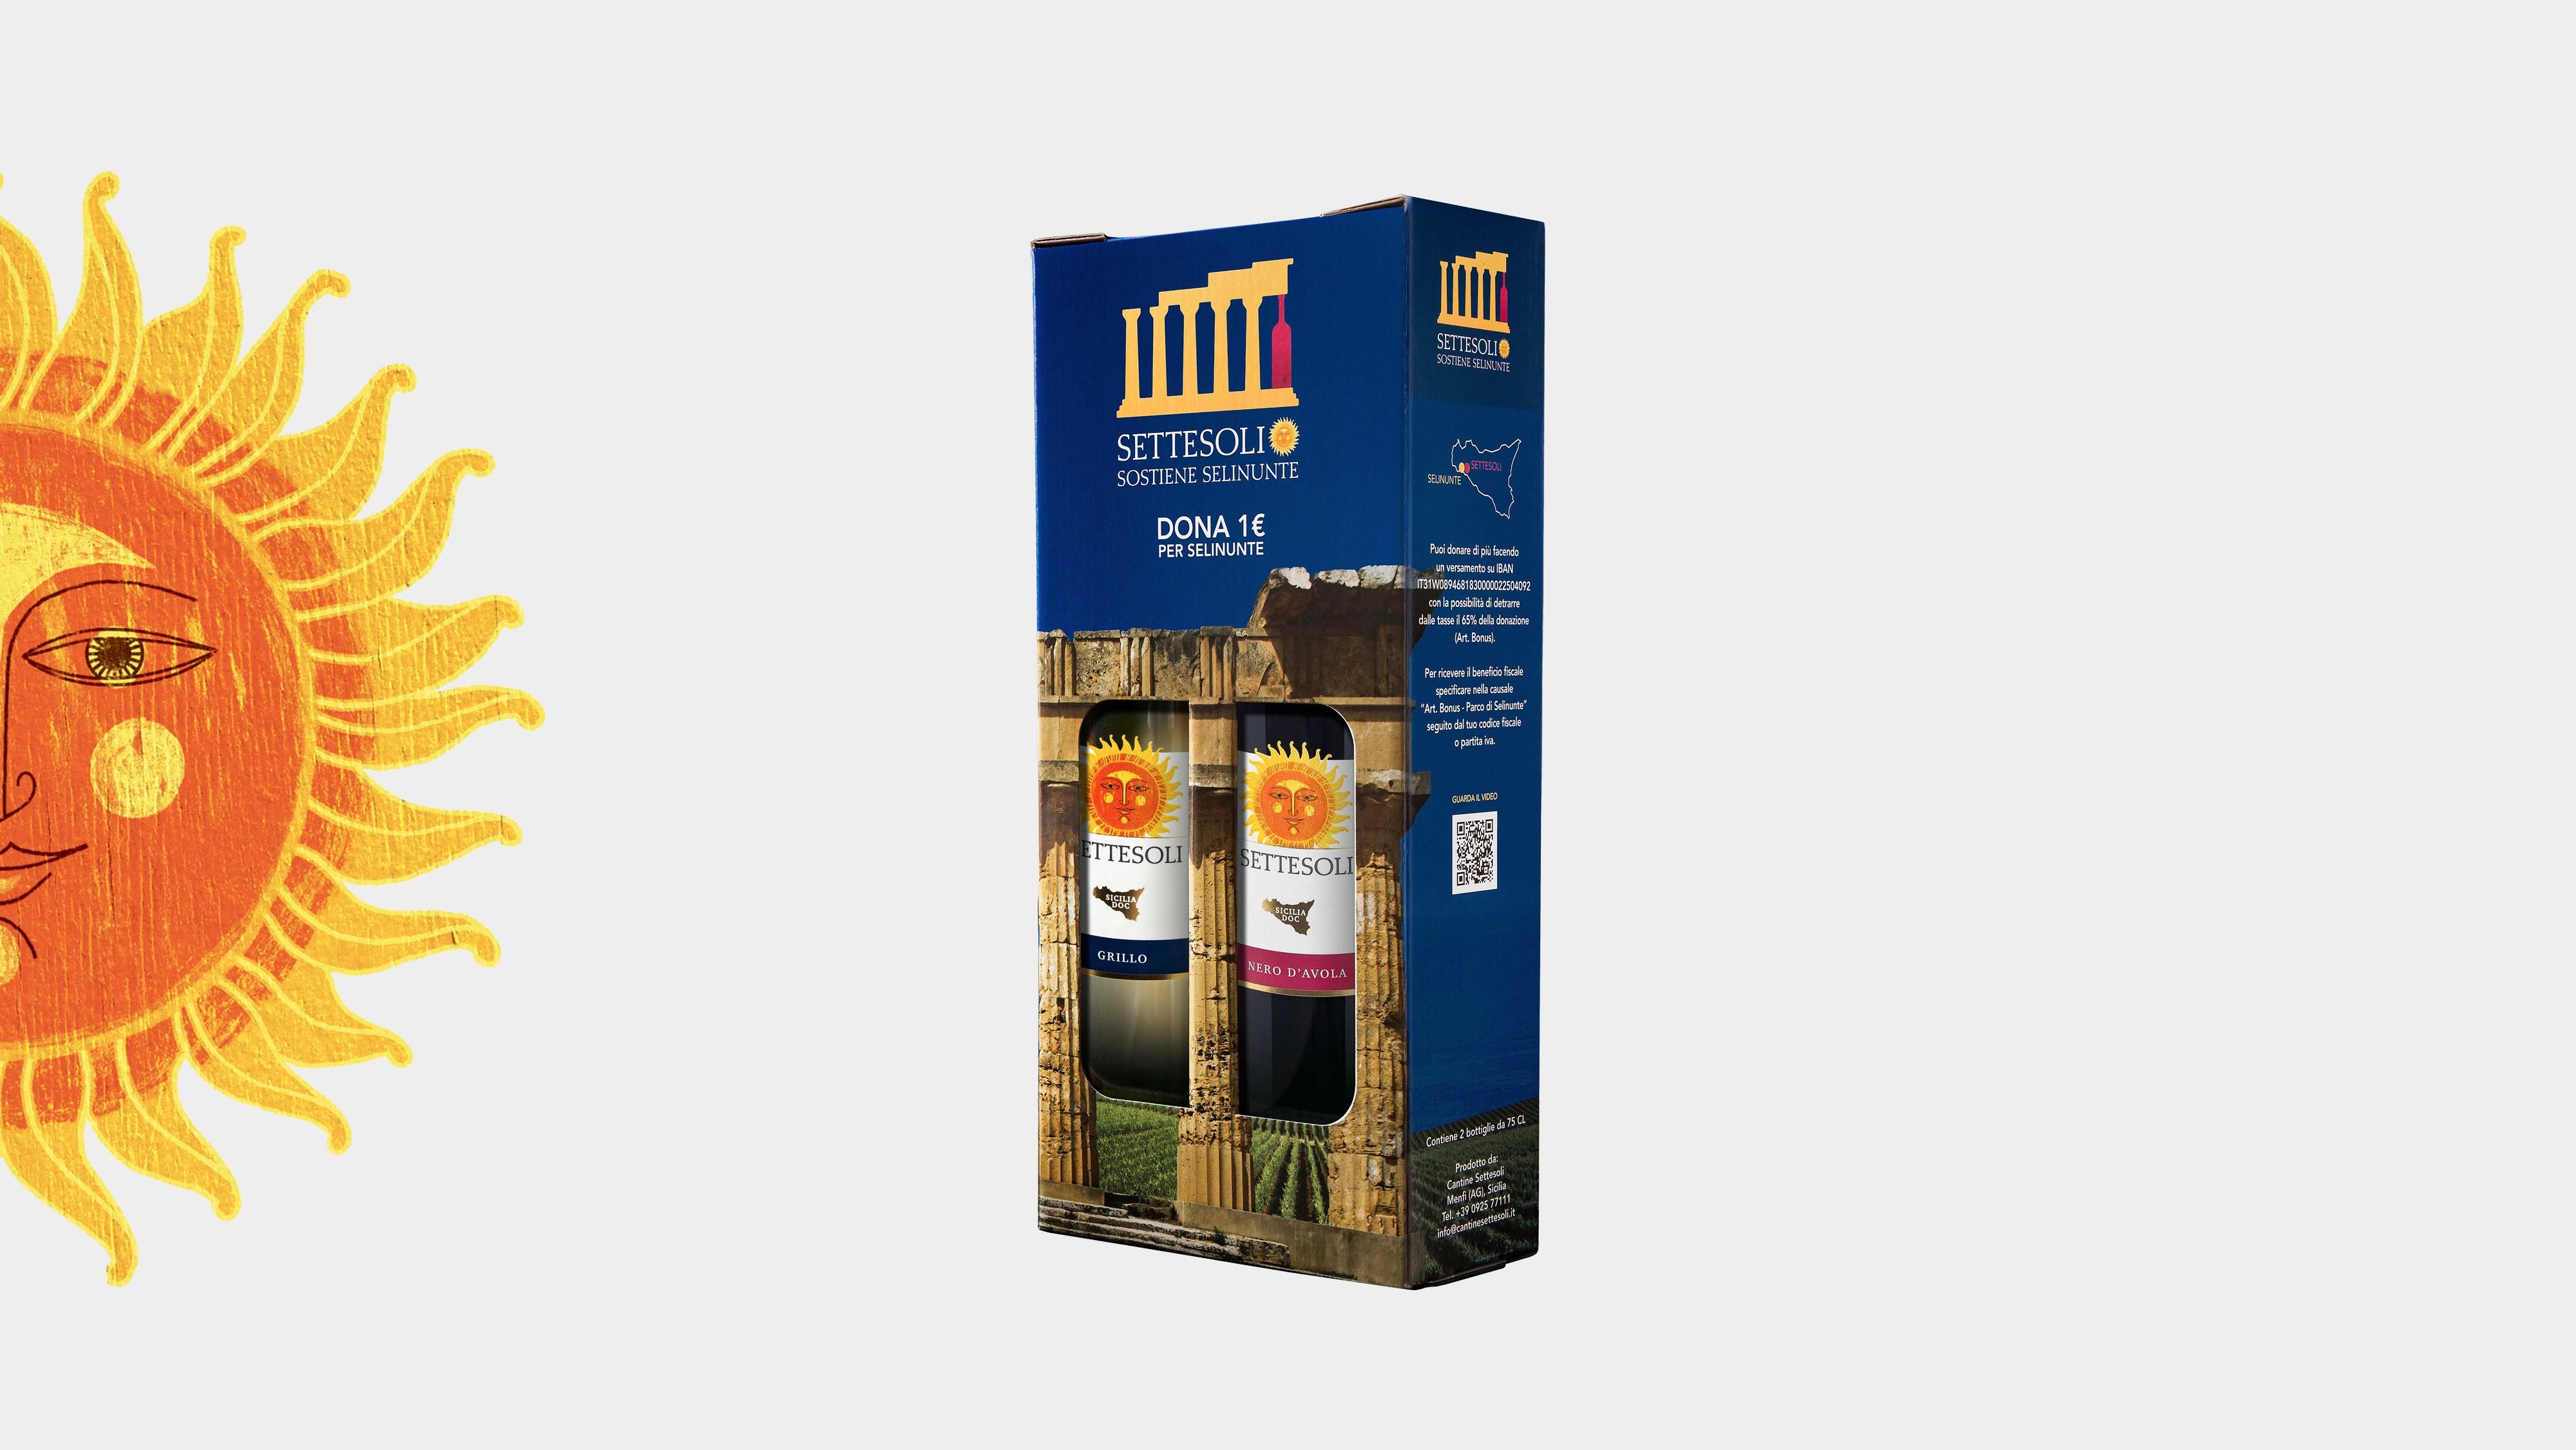 Confezione da 2 bottiglie Settesoli Sostiene Selinunte